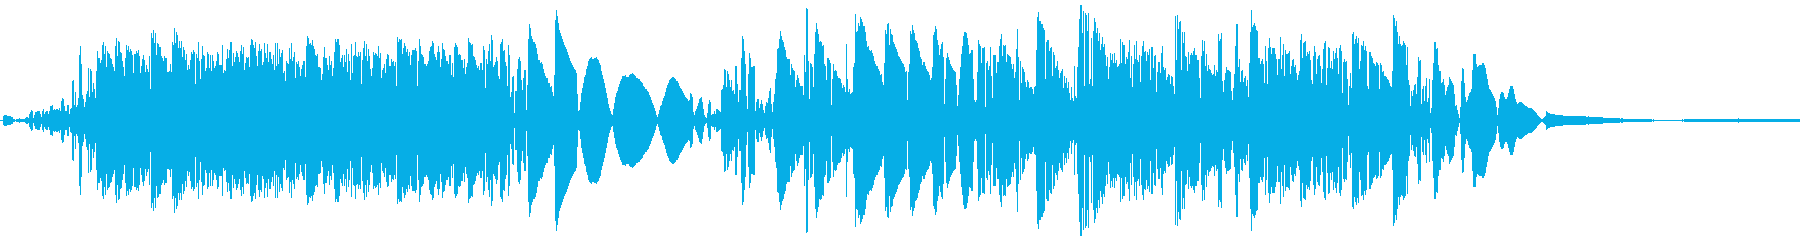 DJスクラッチの再生済みの波形